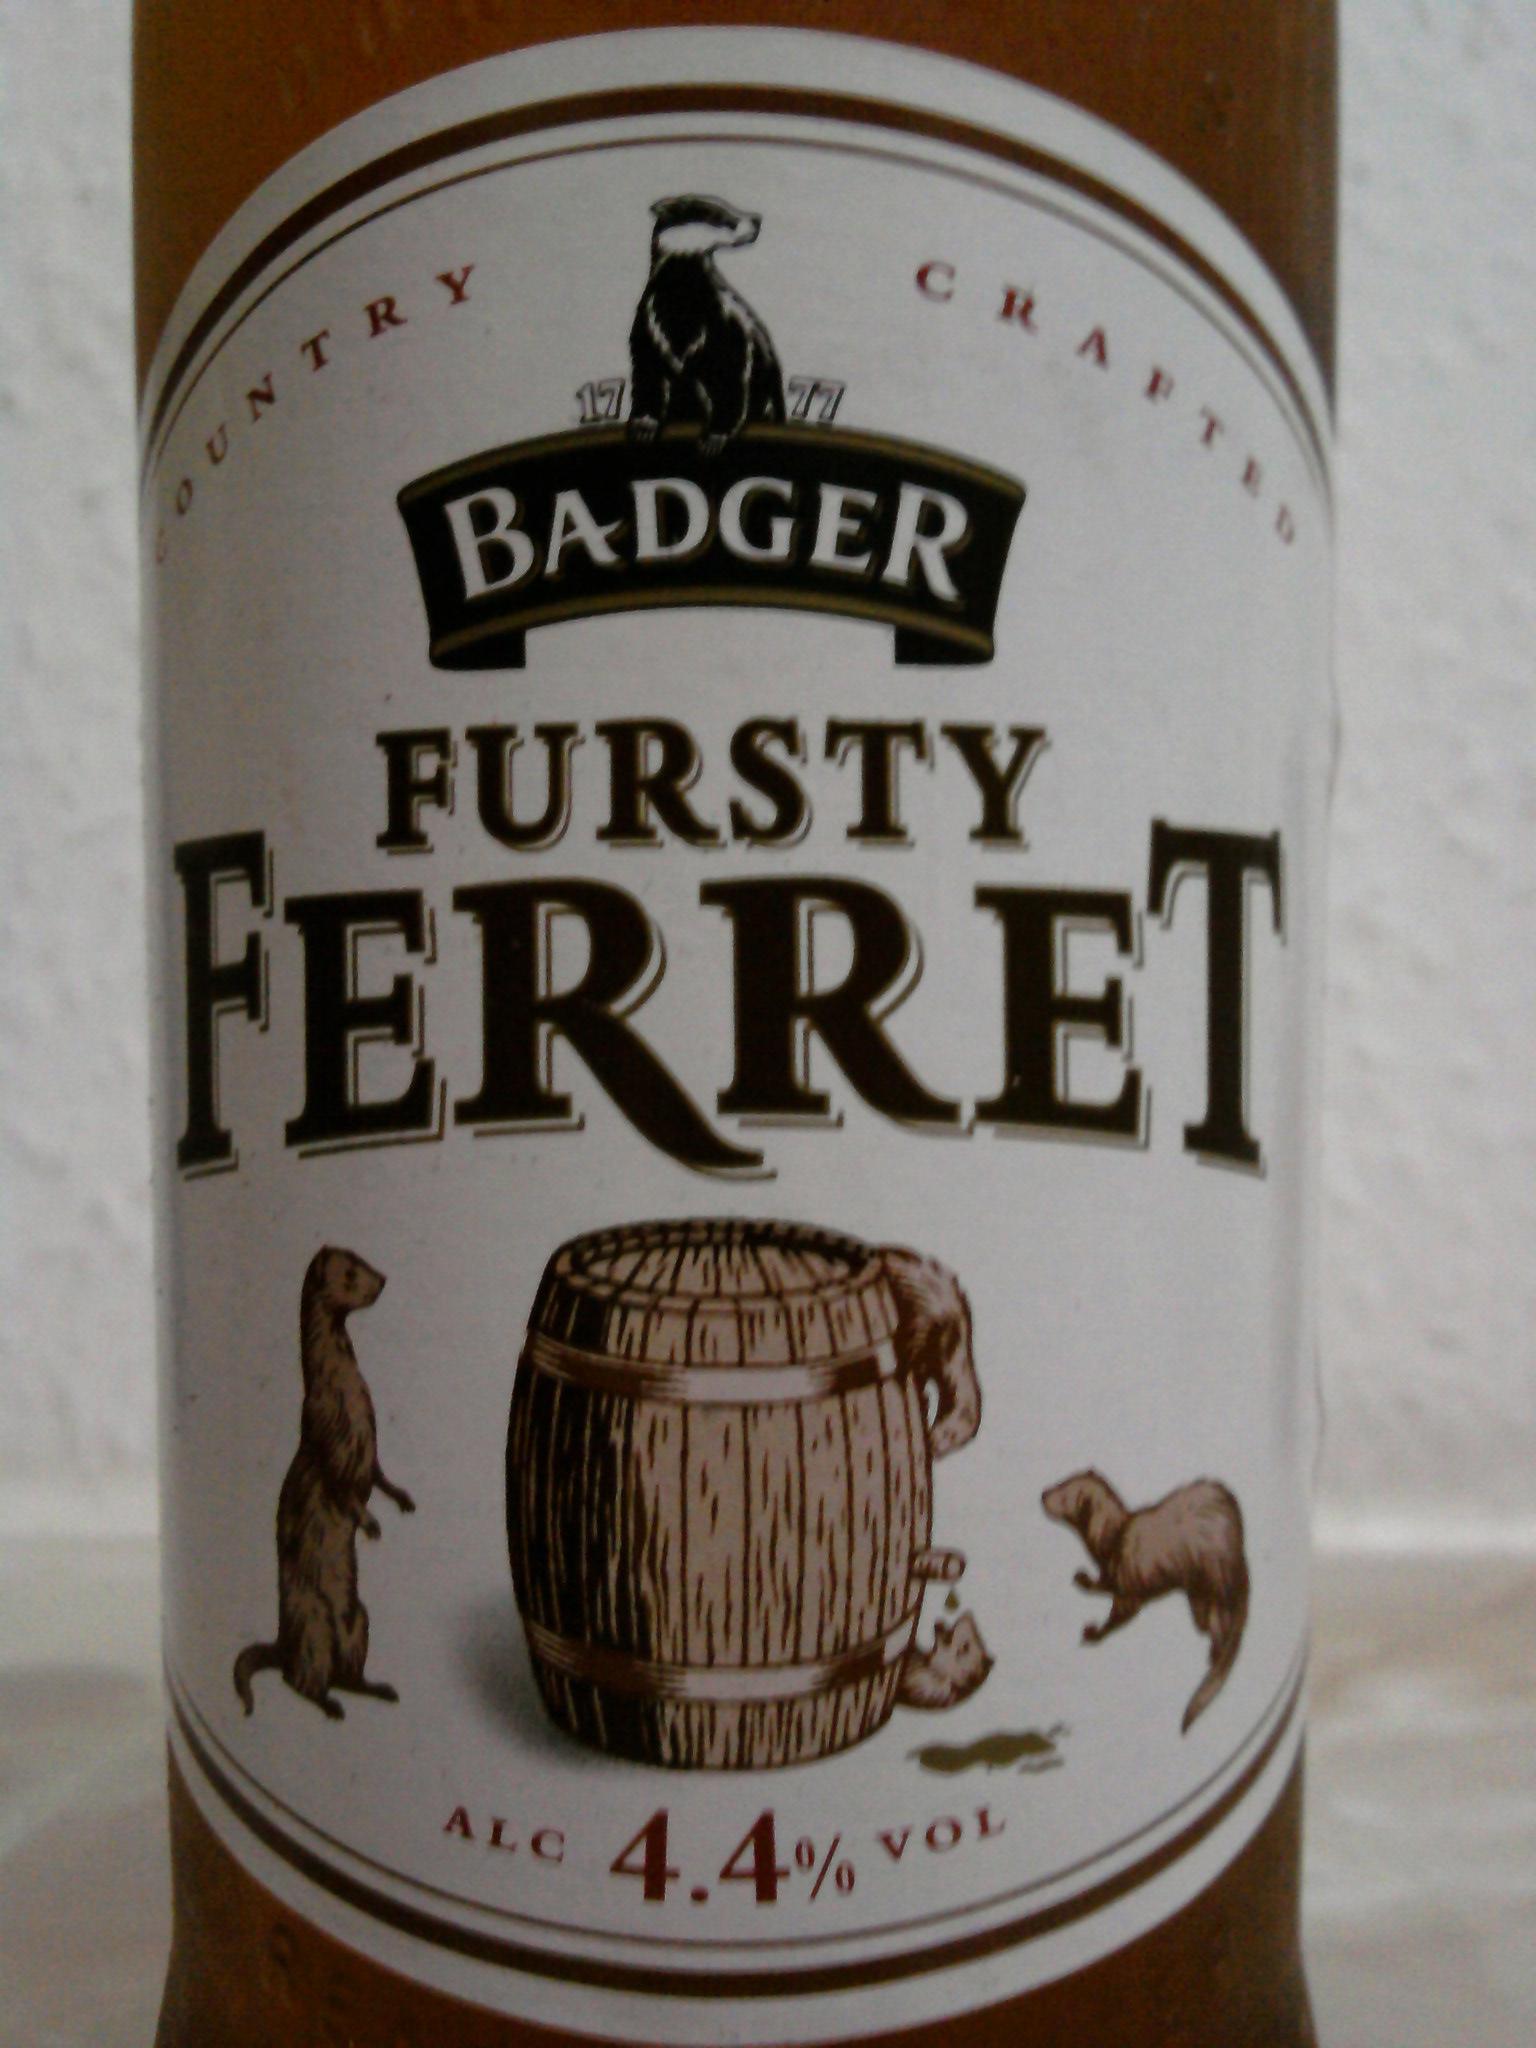 Badger Fursty Ferret front label